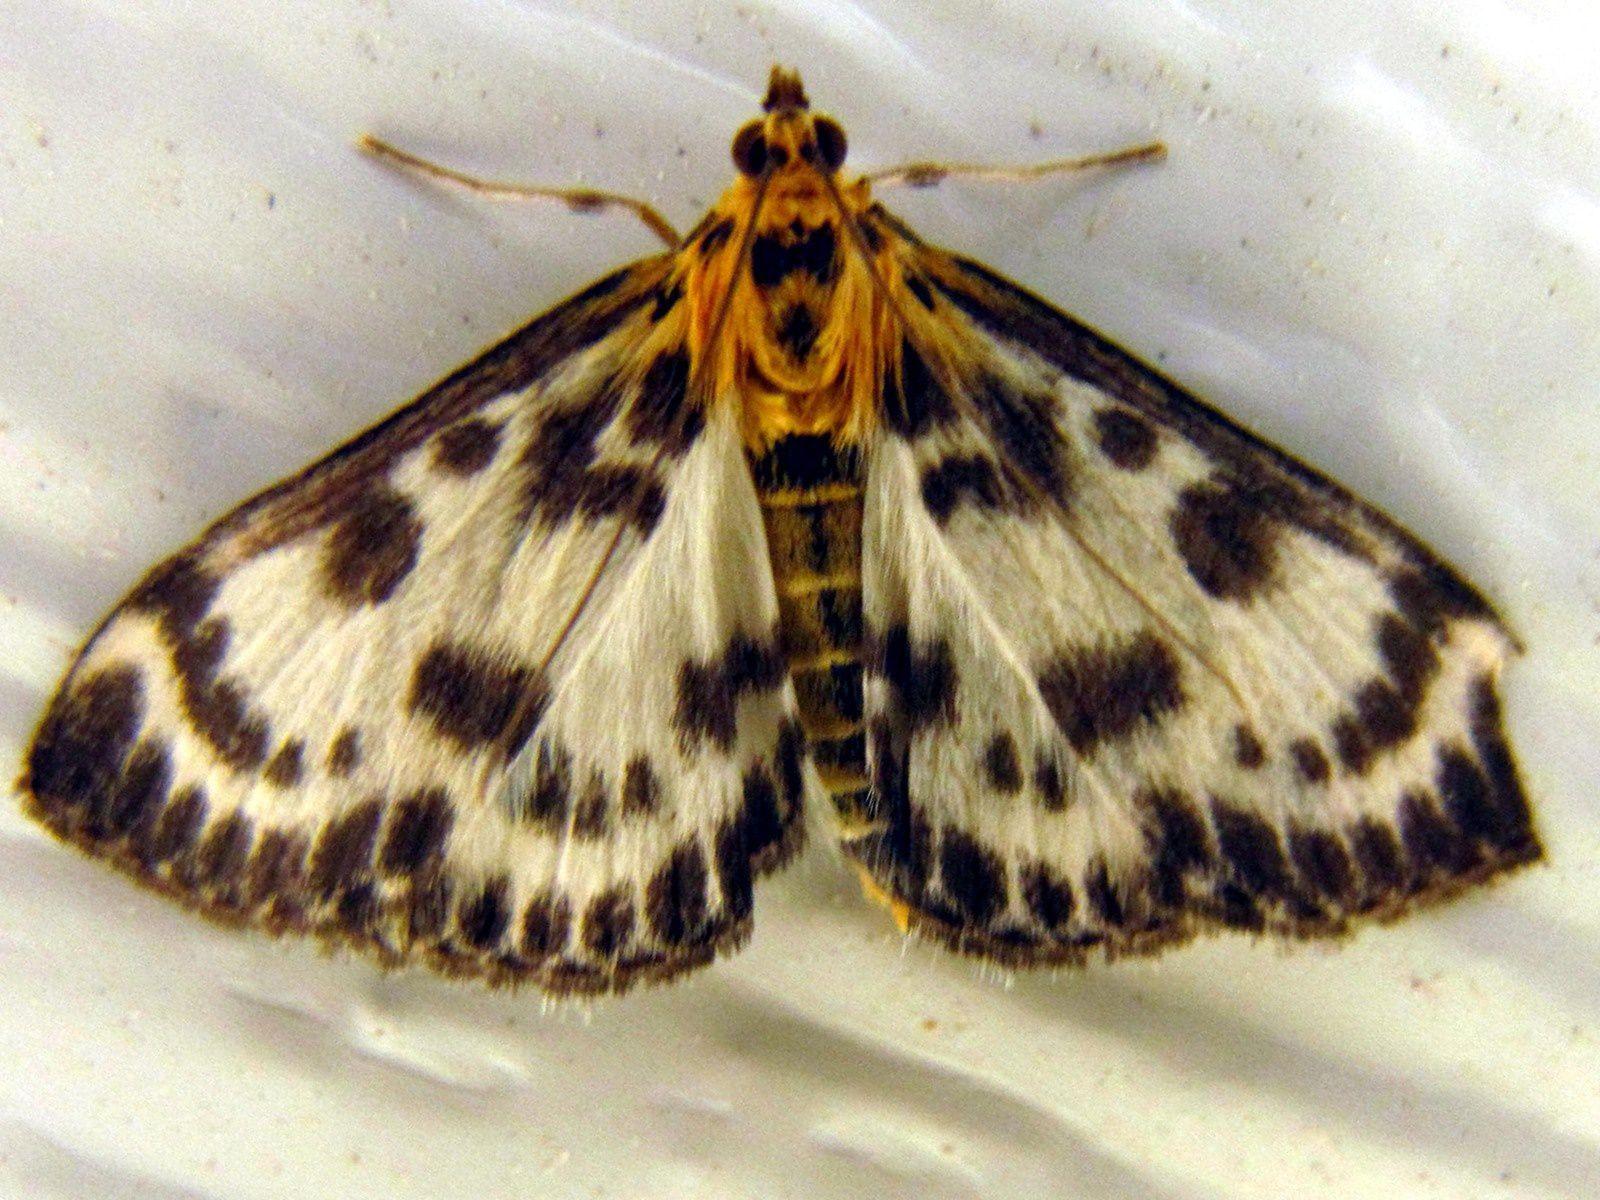 Pyrale de l'ortie (Eurrhypara hortulata)  papillon de nuit de la famille des Crambidae.